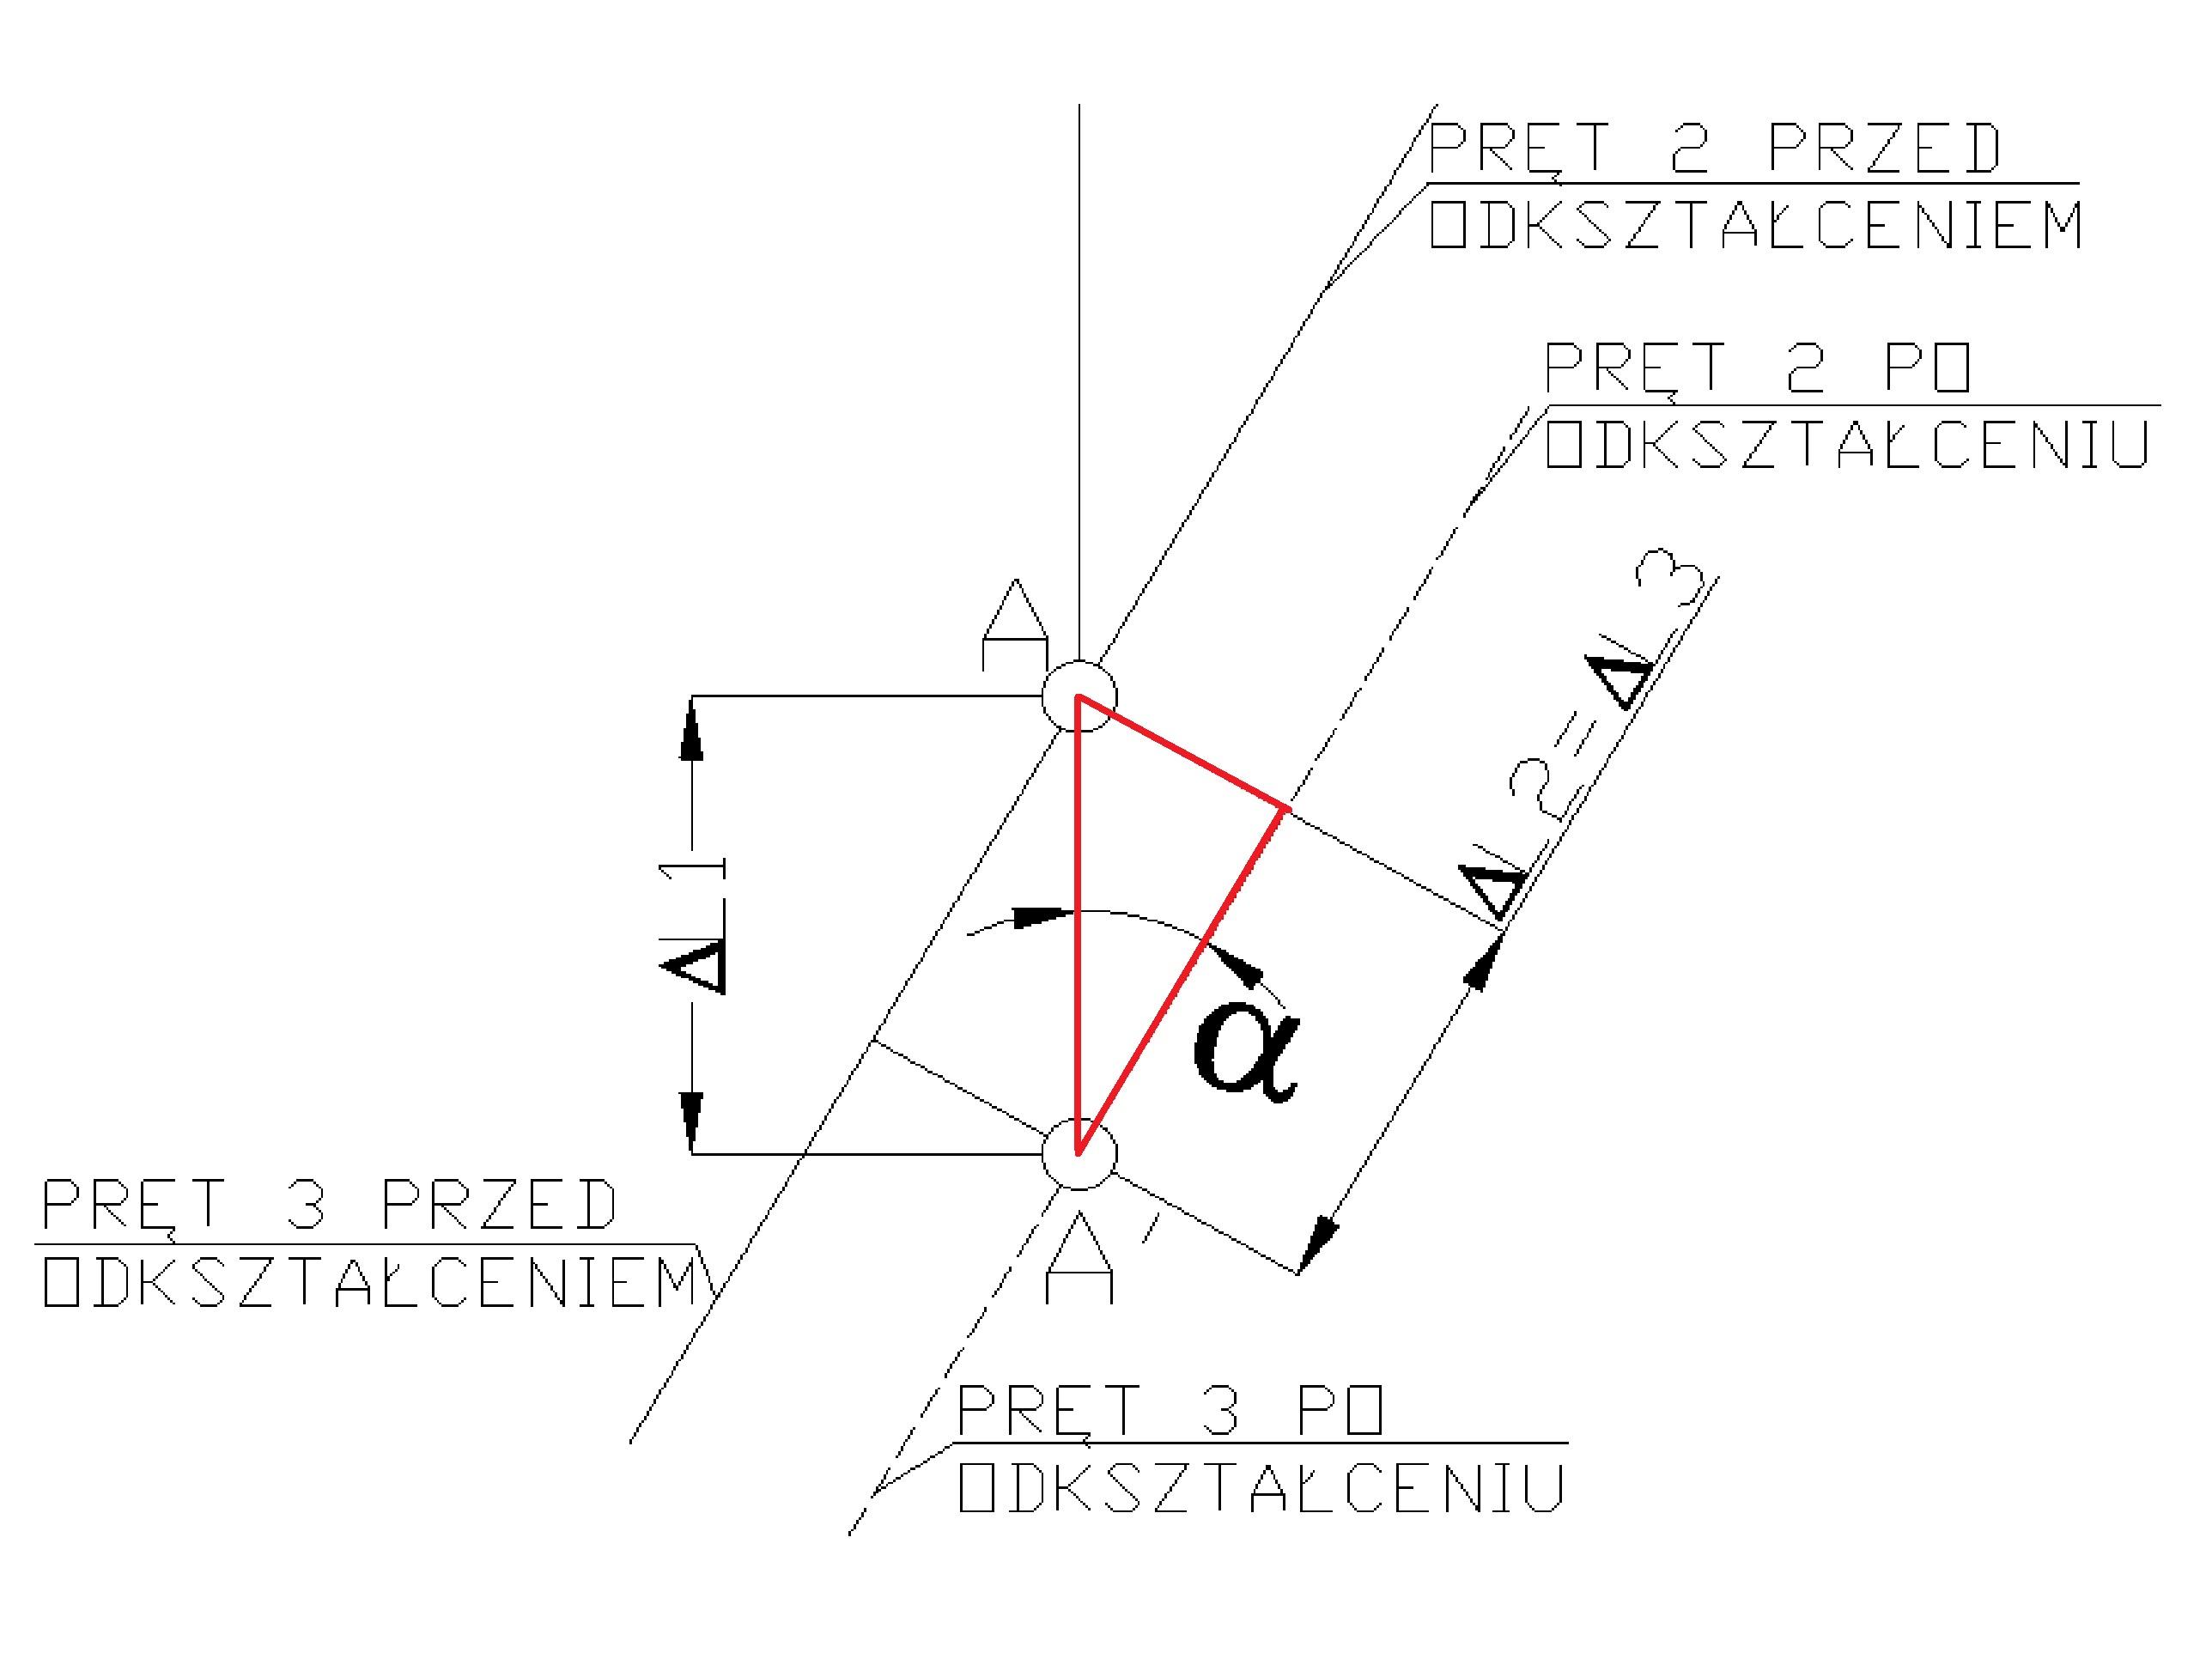 rozciaganie14 - Układ prętowy statycznie niewyznaczalny - zadanie 27